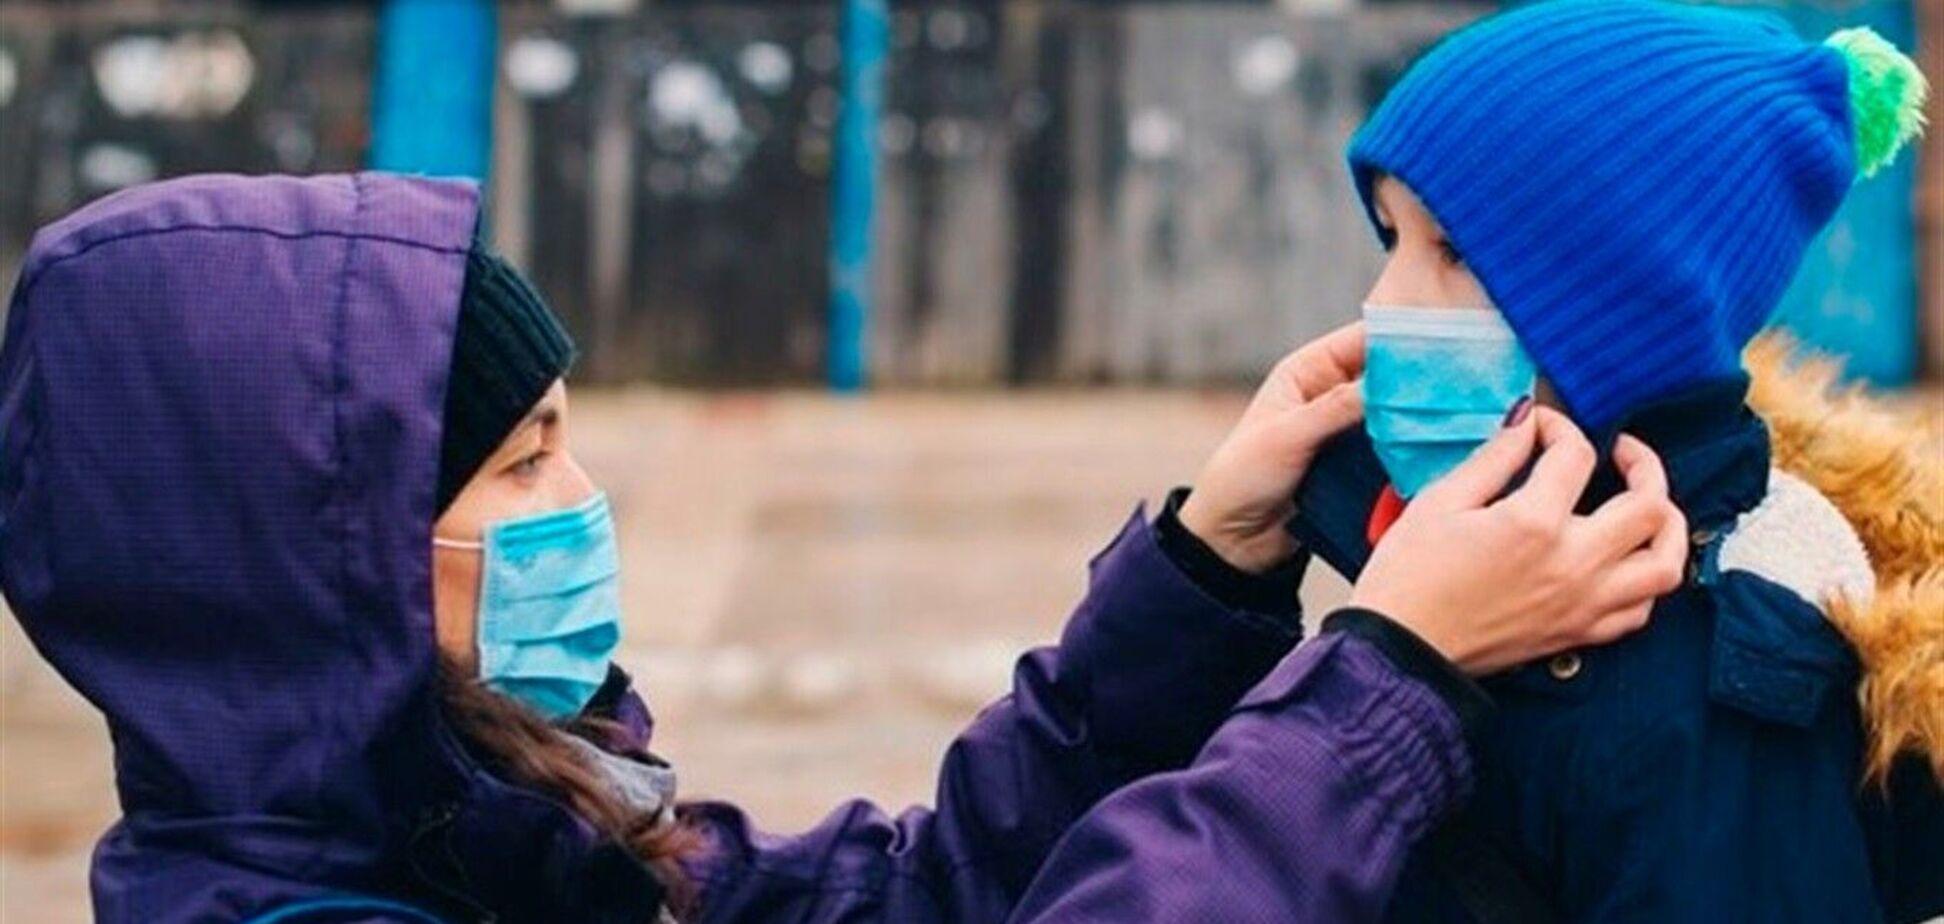 Тернополь все же поддался локдауну, а их глава ОГА второй раз заразился коронавирусом